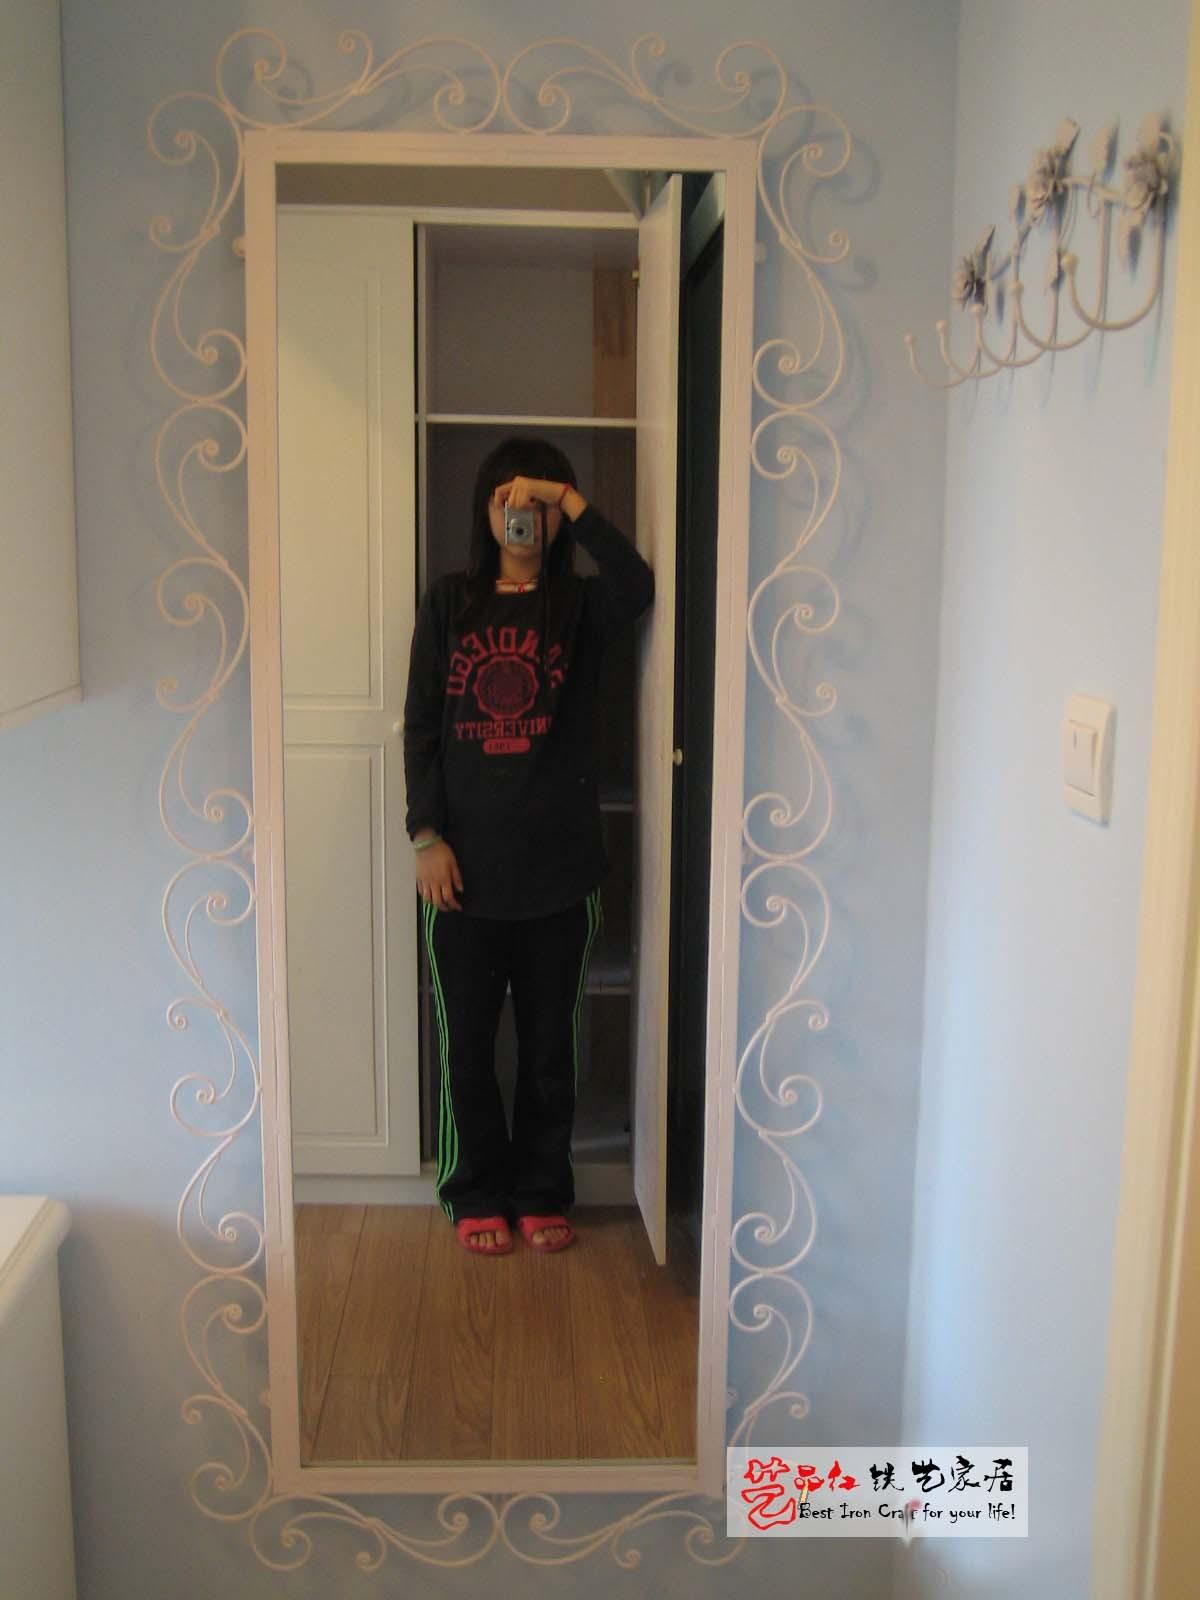 艺品红◆ 欧式铁艺镜 镜框 全身镜 穿衣镜 壁挂镜 铁艺 试衣镜